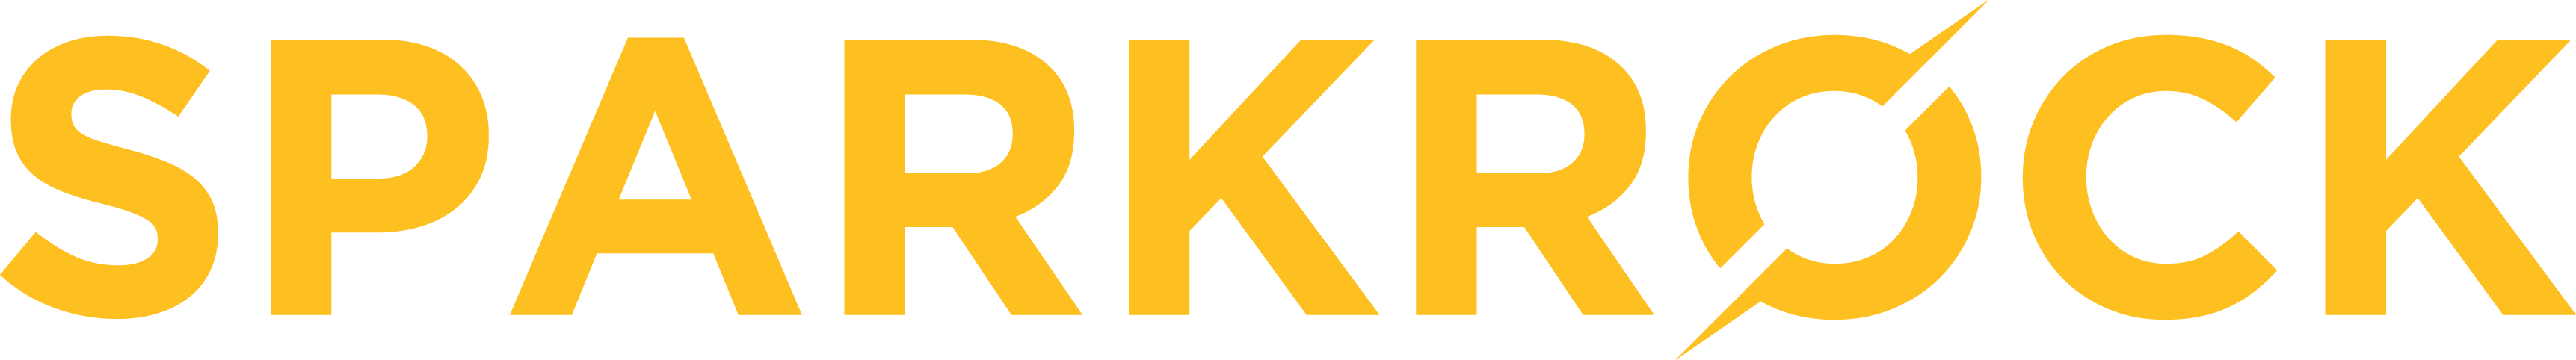 Sparkrock Logo